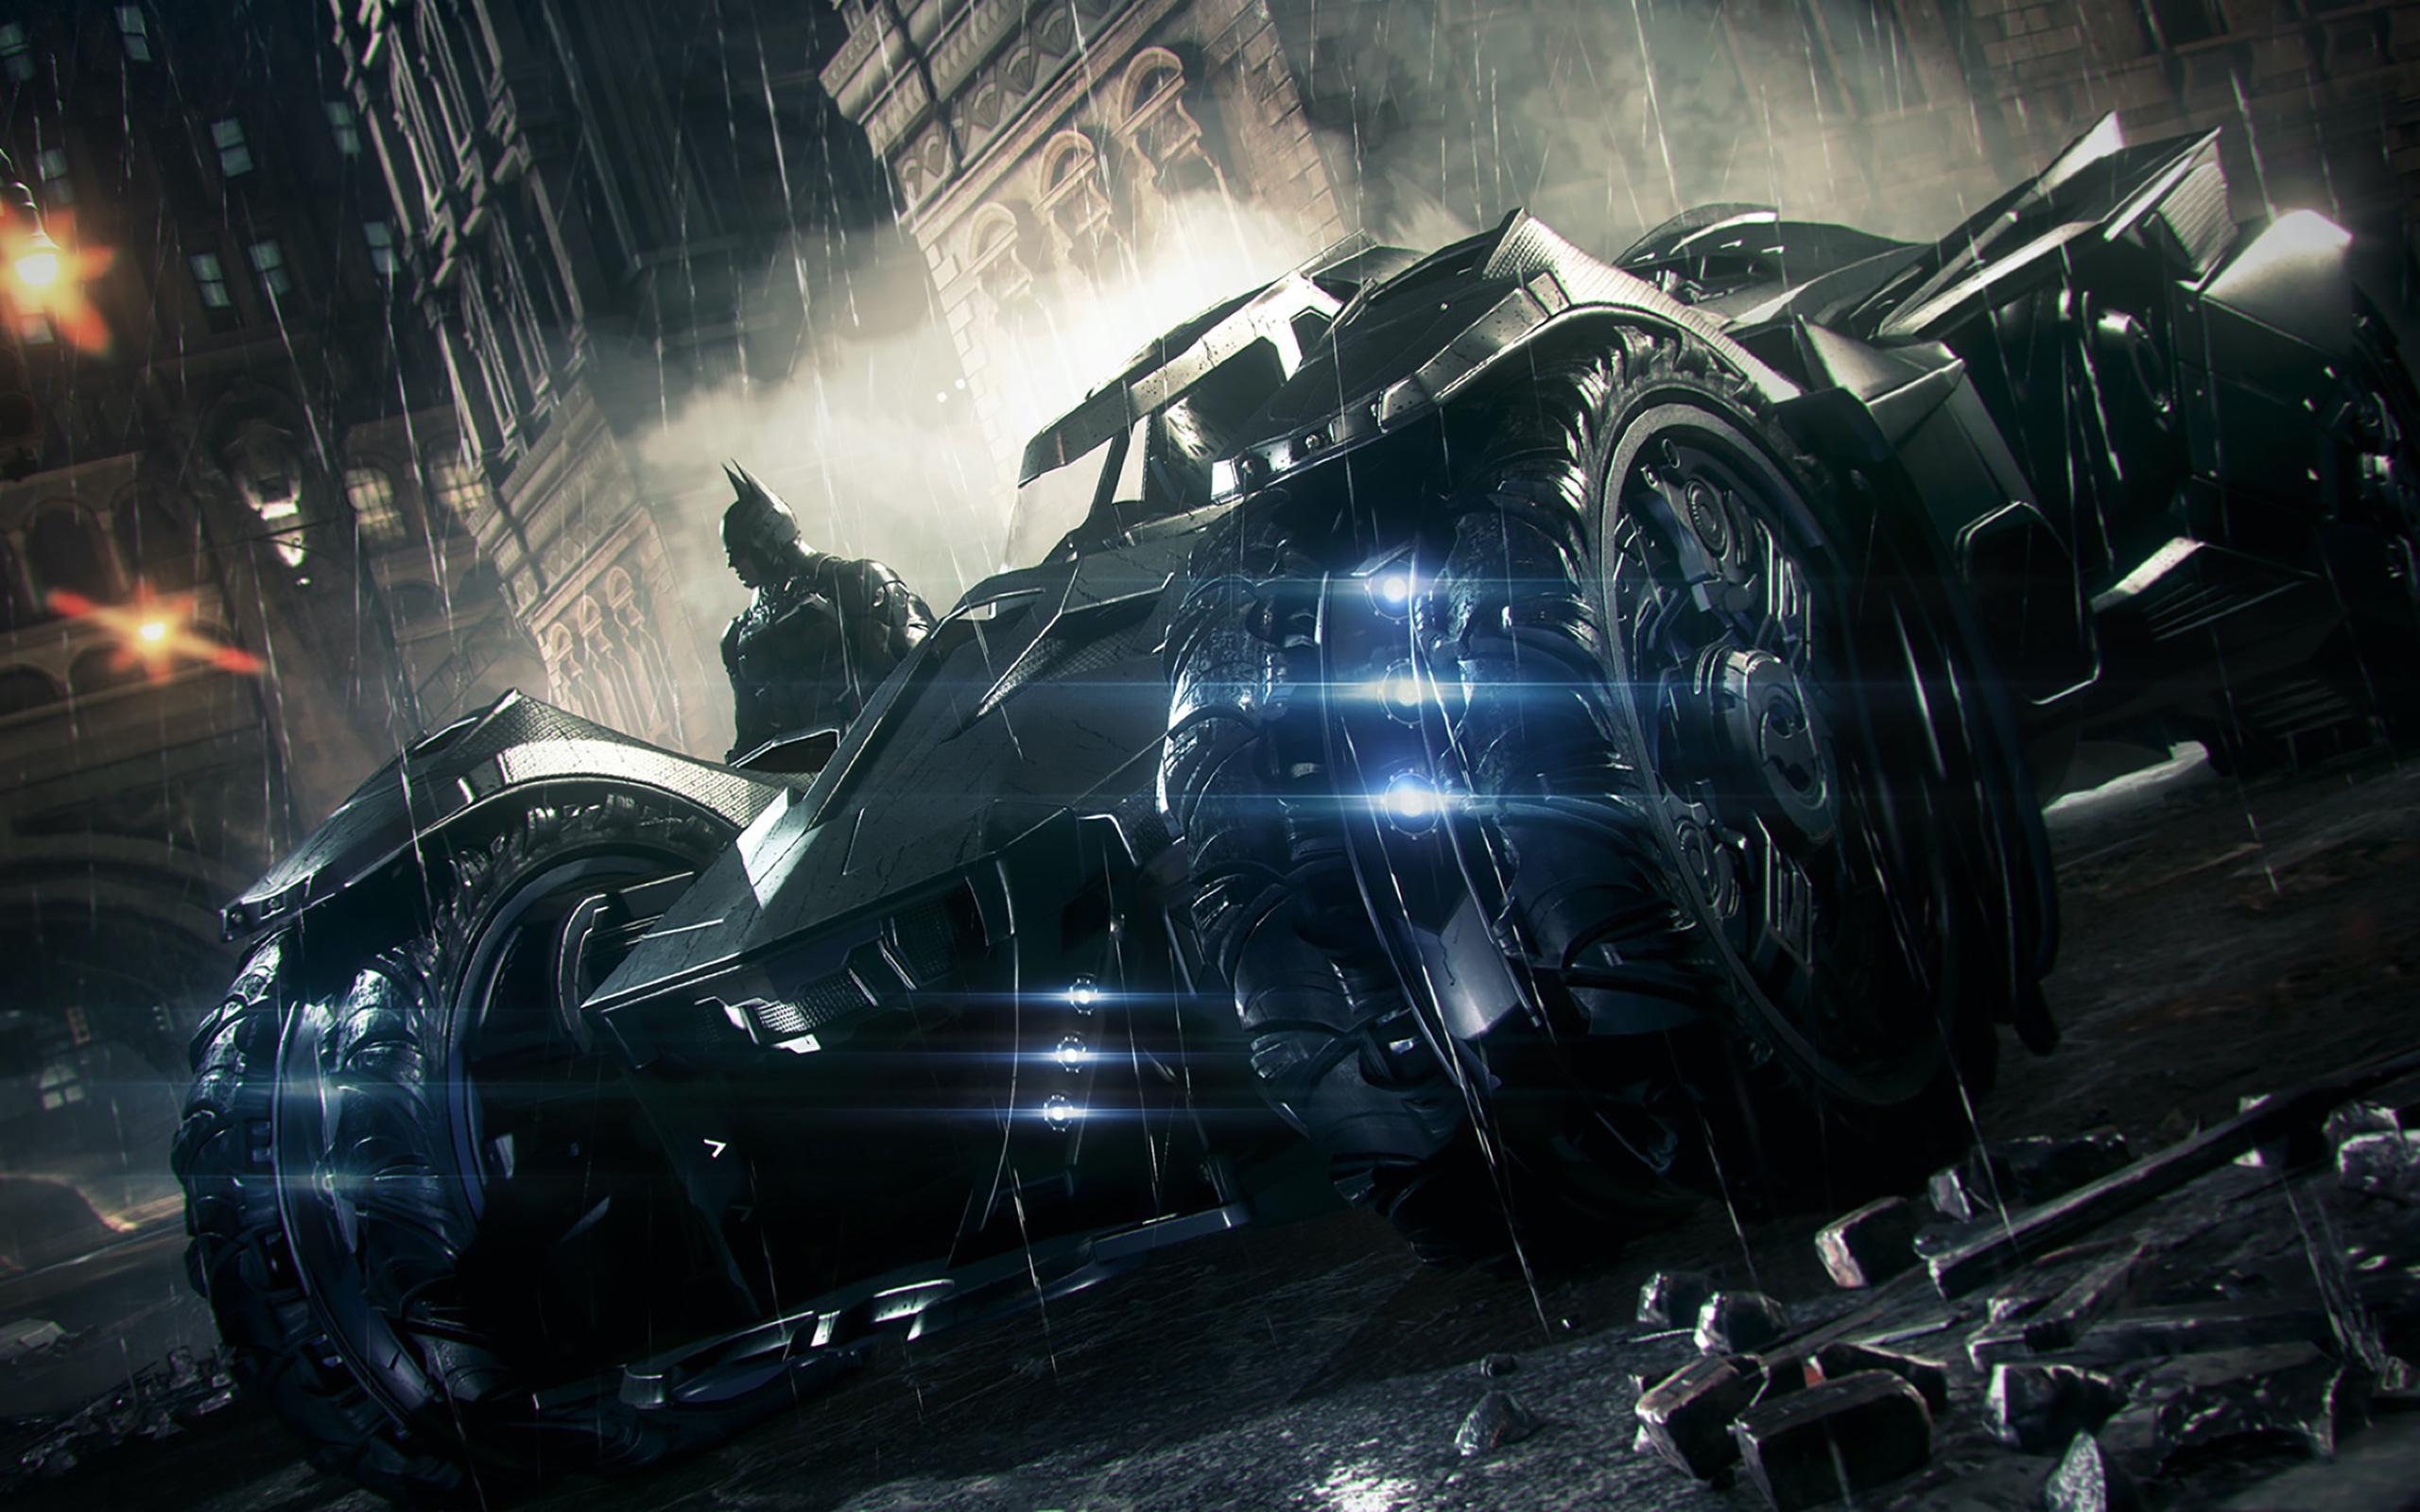 Batman fährt zum ersten Mal mit dem mächtigen Batmobil durch Gotham City.